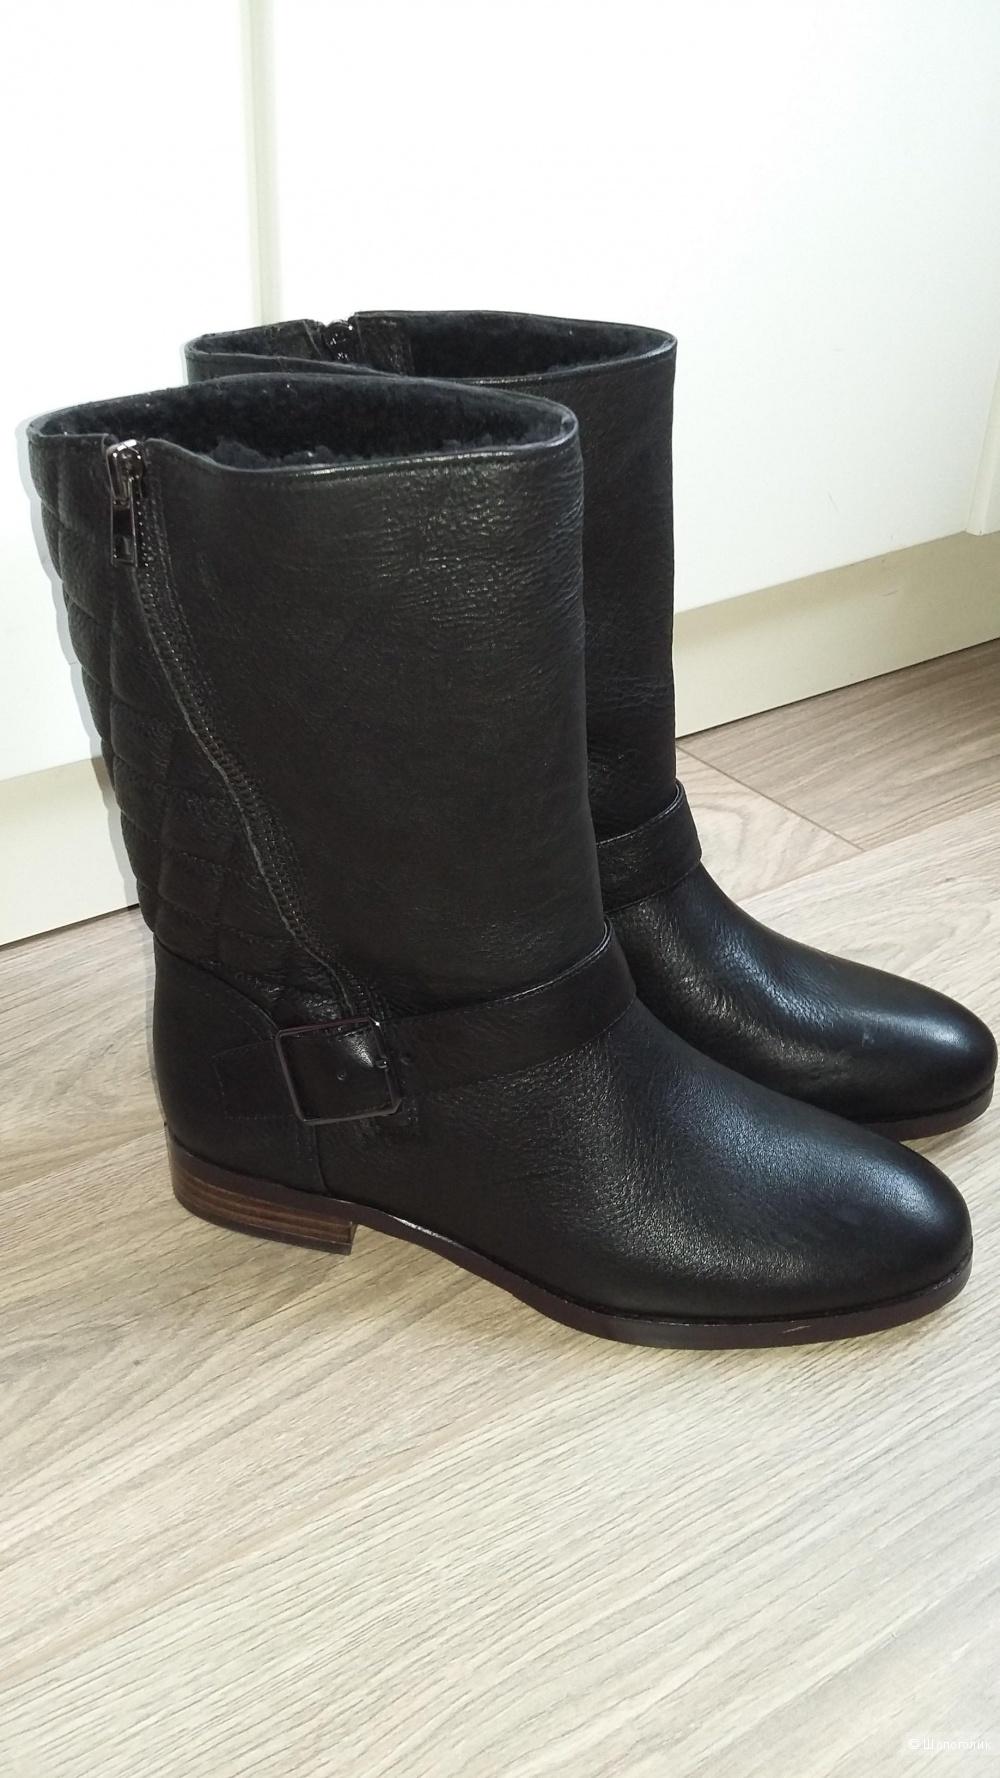 Ботинки  Ann taylor, p-36